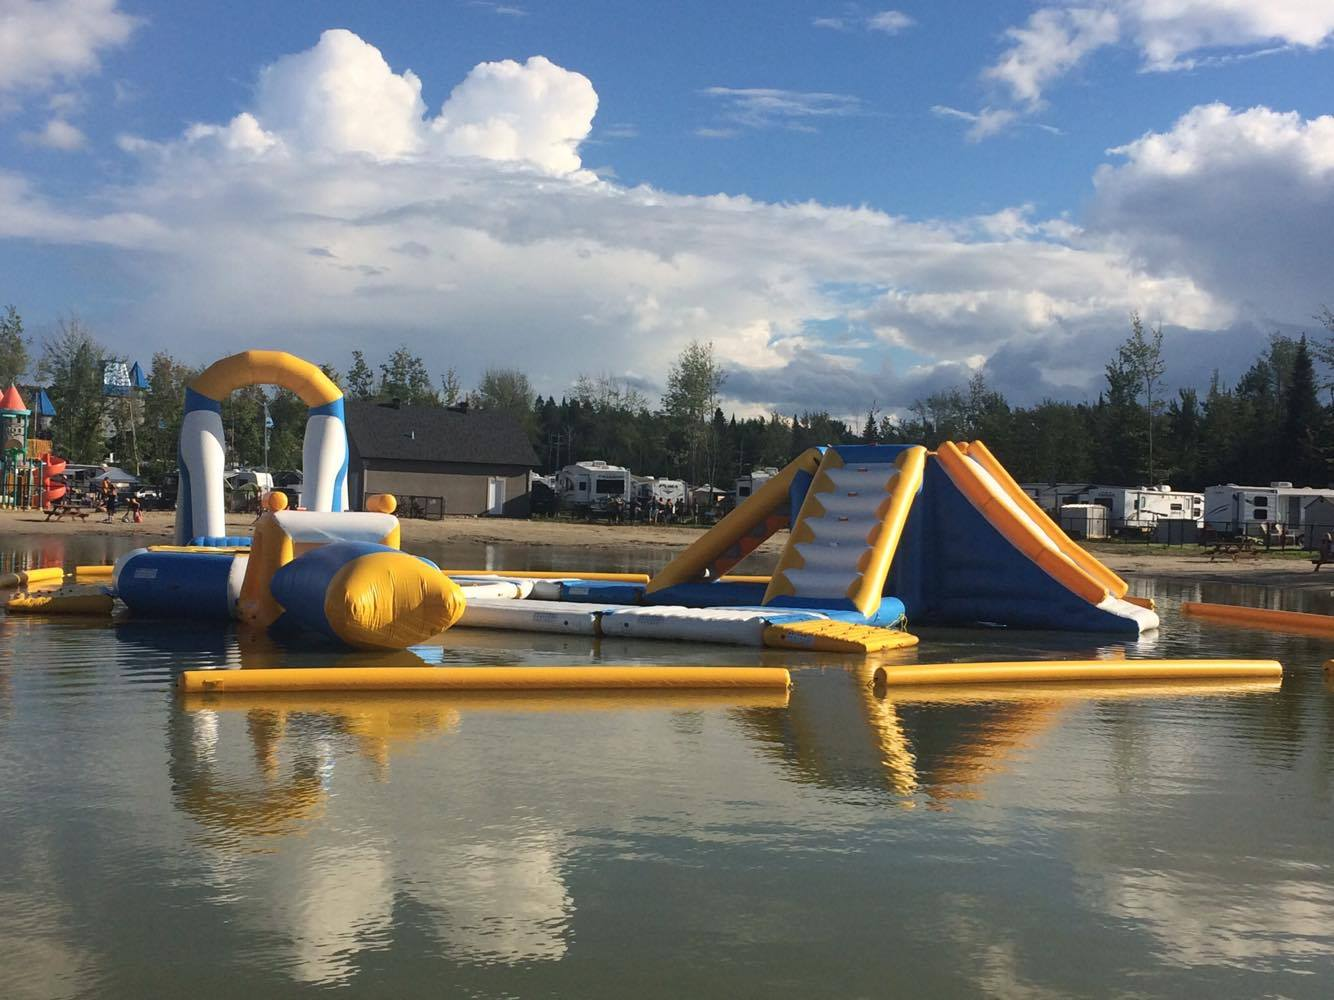 http://www.parc-aquatique.com/wp-content/uploads/2017/07/parcours-gonflable-lac-complexe-atlantide-4.jpg